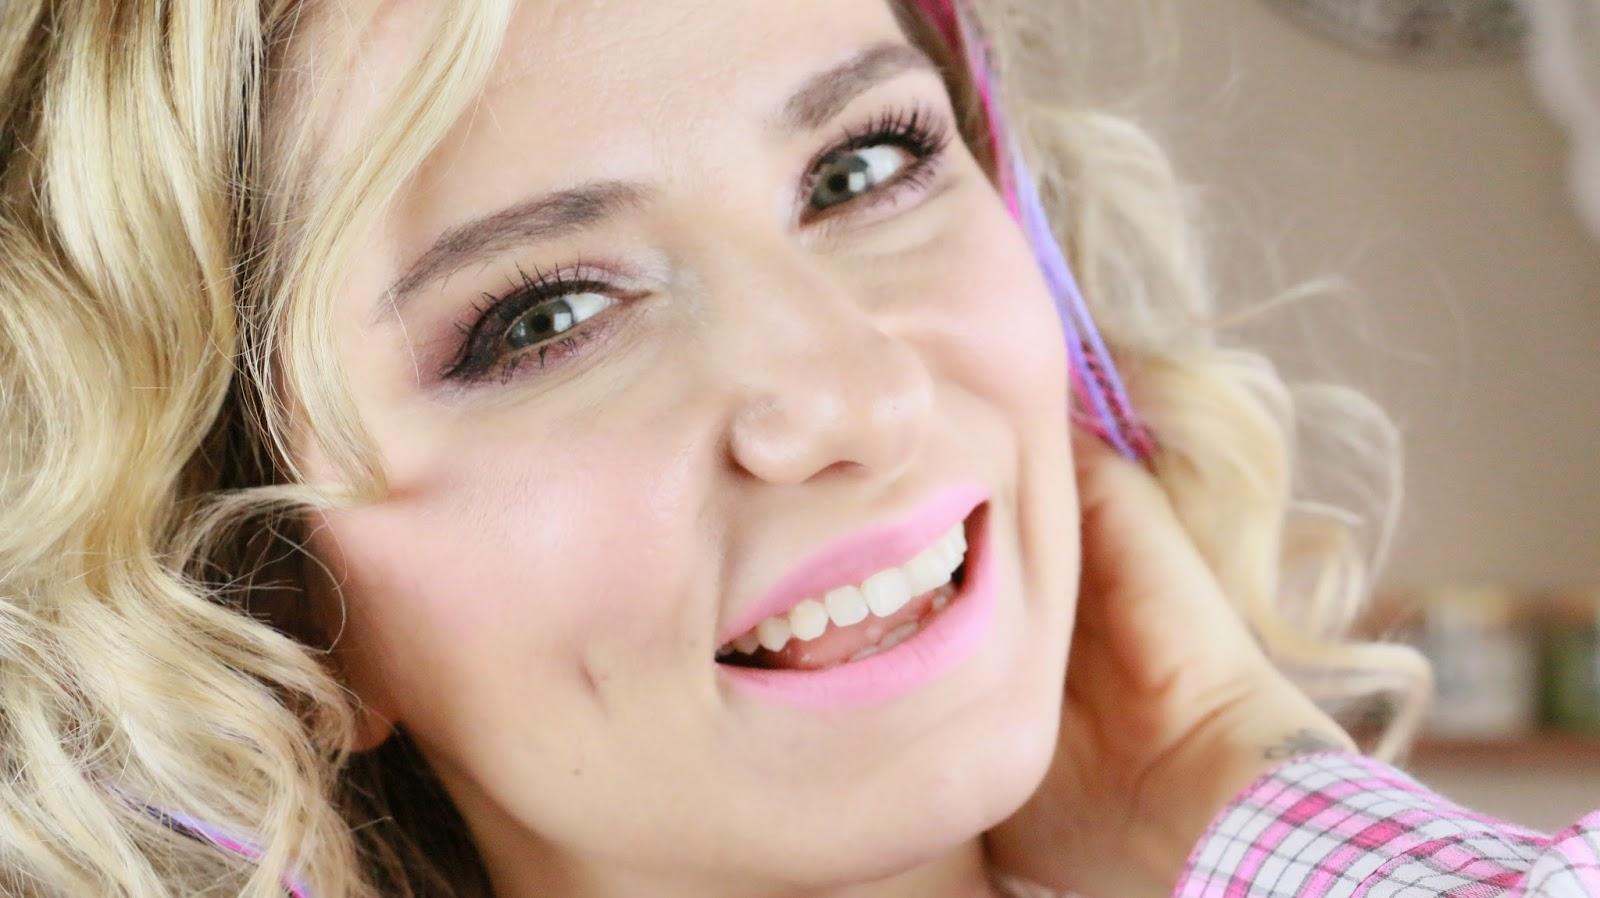 sebnemsblog - youtuber - turkish youtuber - fırçasız makyaj - elle makyaj - makyaj bloğu - kozmetik bloğu